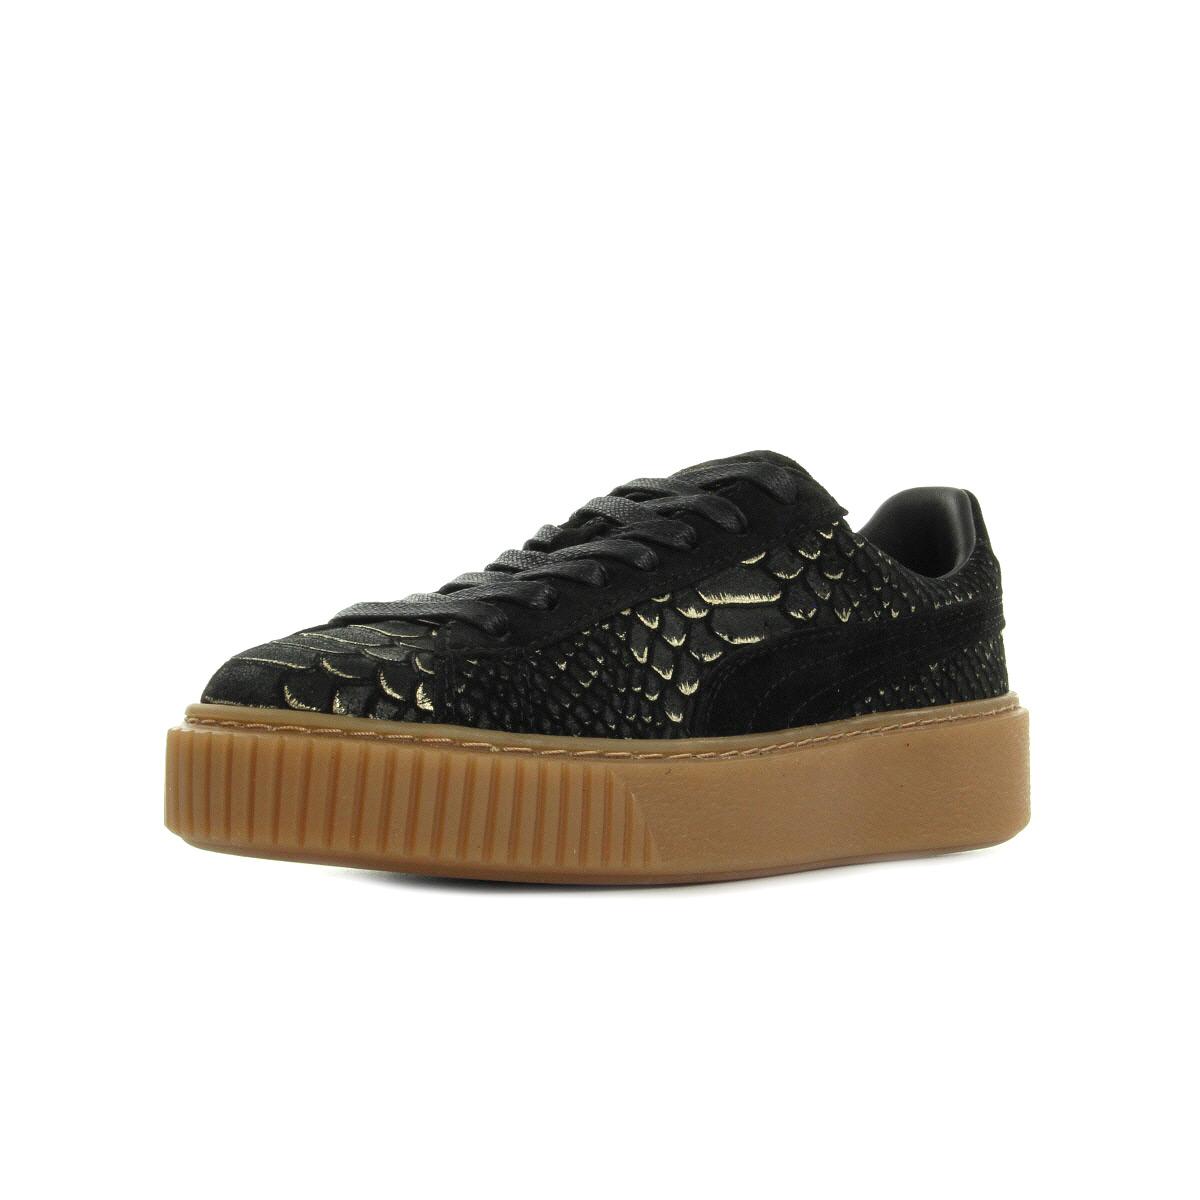 84a7df9cd6e93 Puma Basket Platform Exotic Skin 36337701